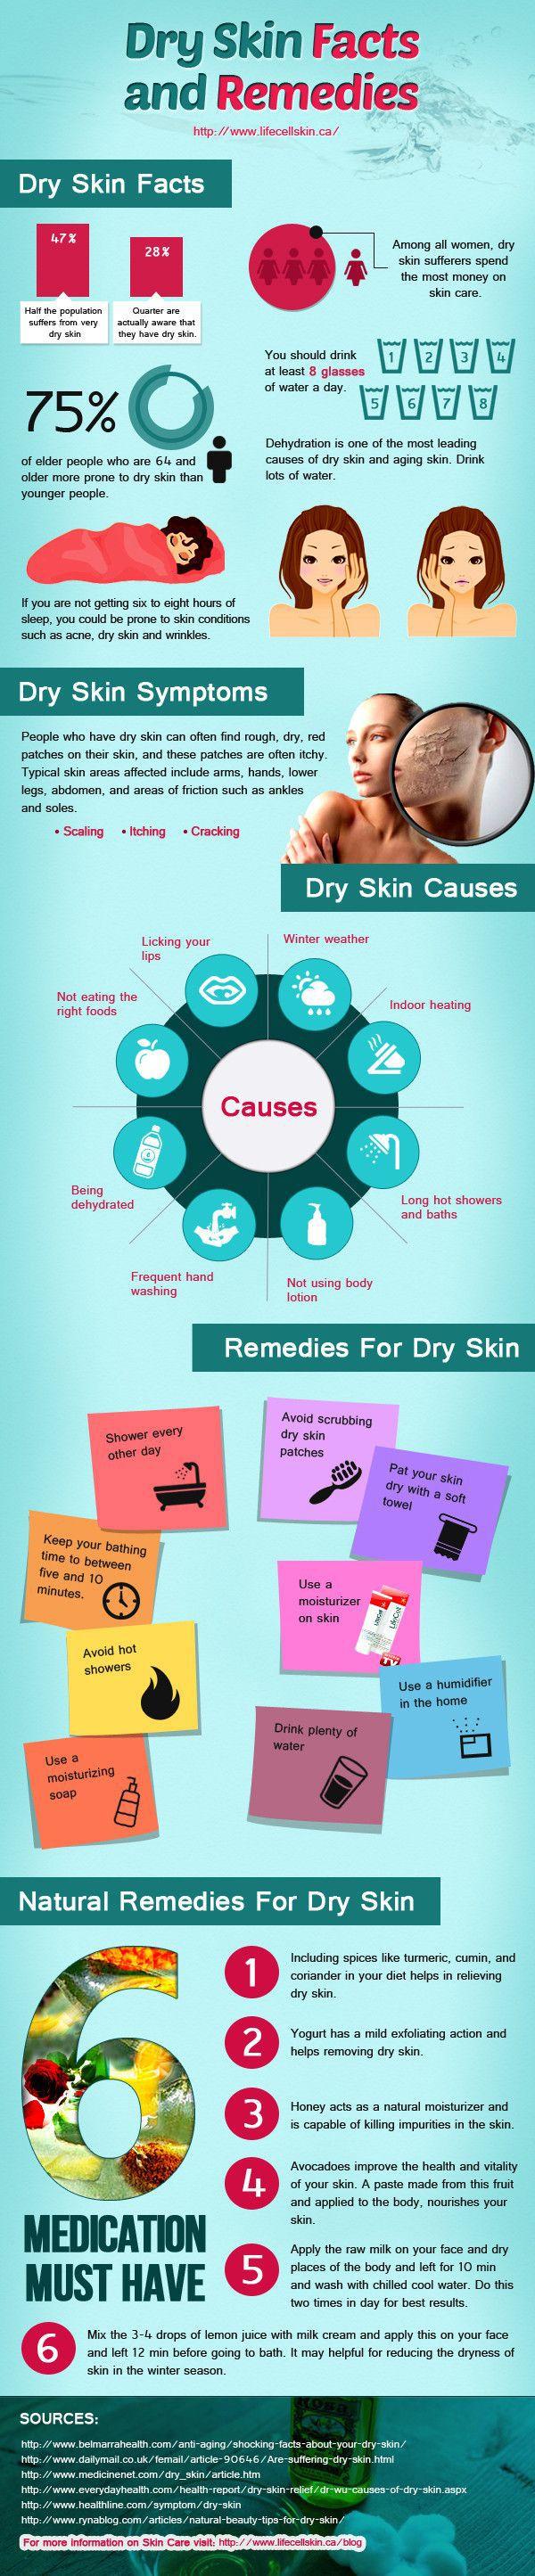 16 Hacks, Tips and Tricks On How To Get Rid Of Dry Skin http://jkennedy4.myrandf.com/ca